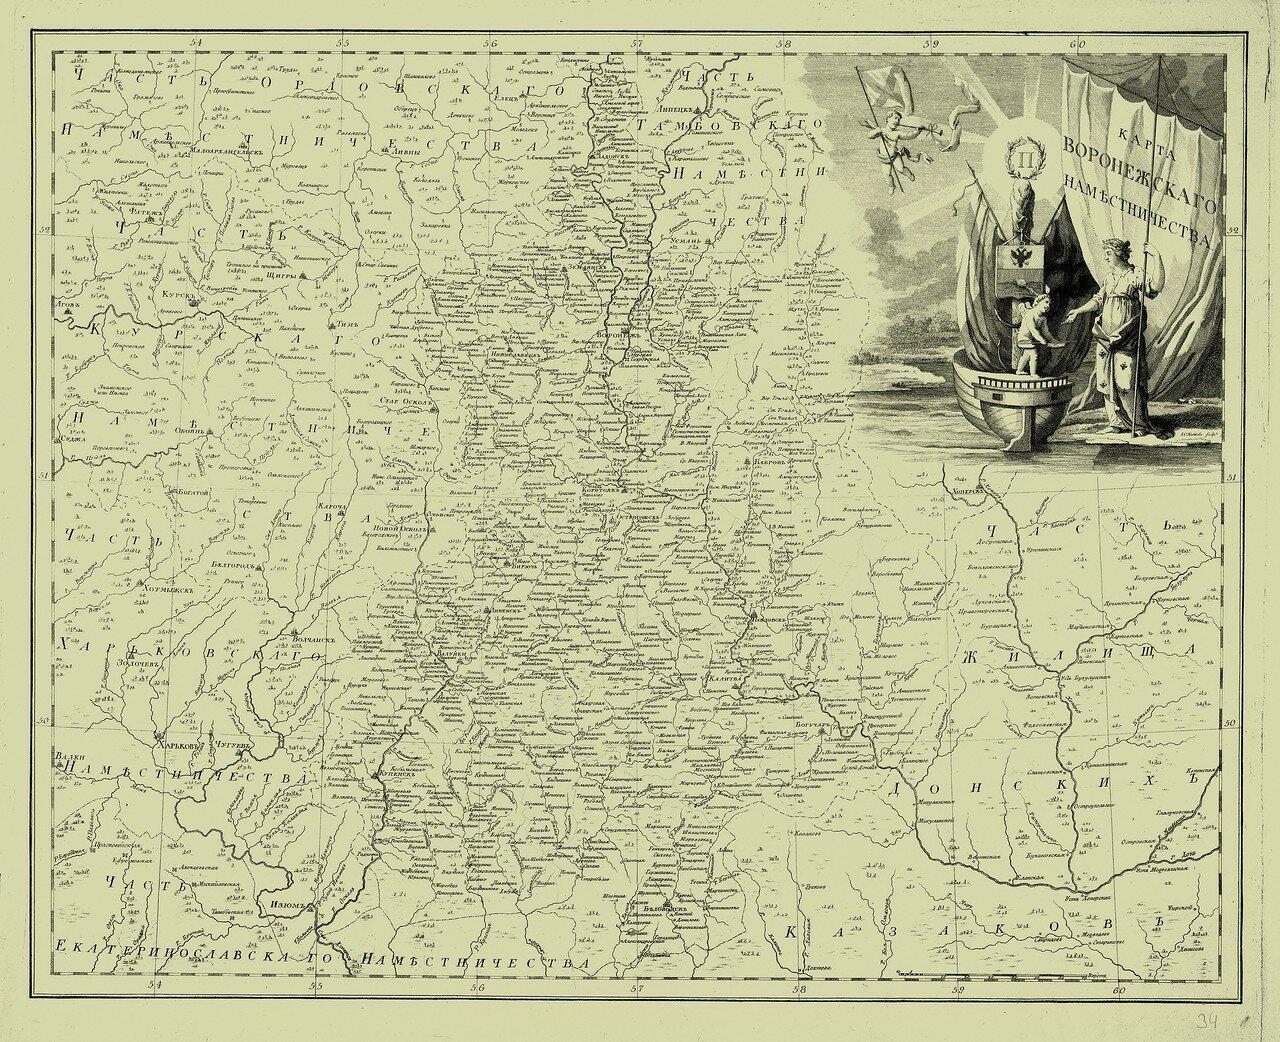 34. Карта Воронежского наместничества